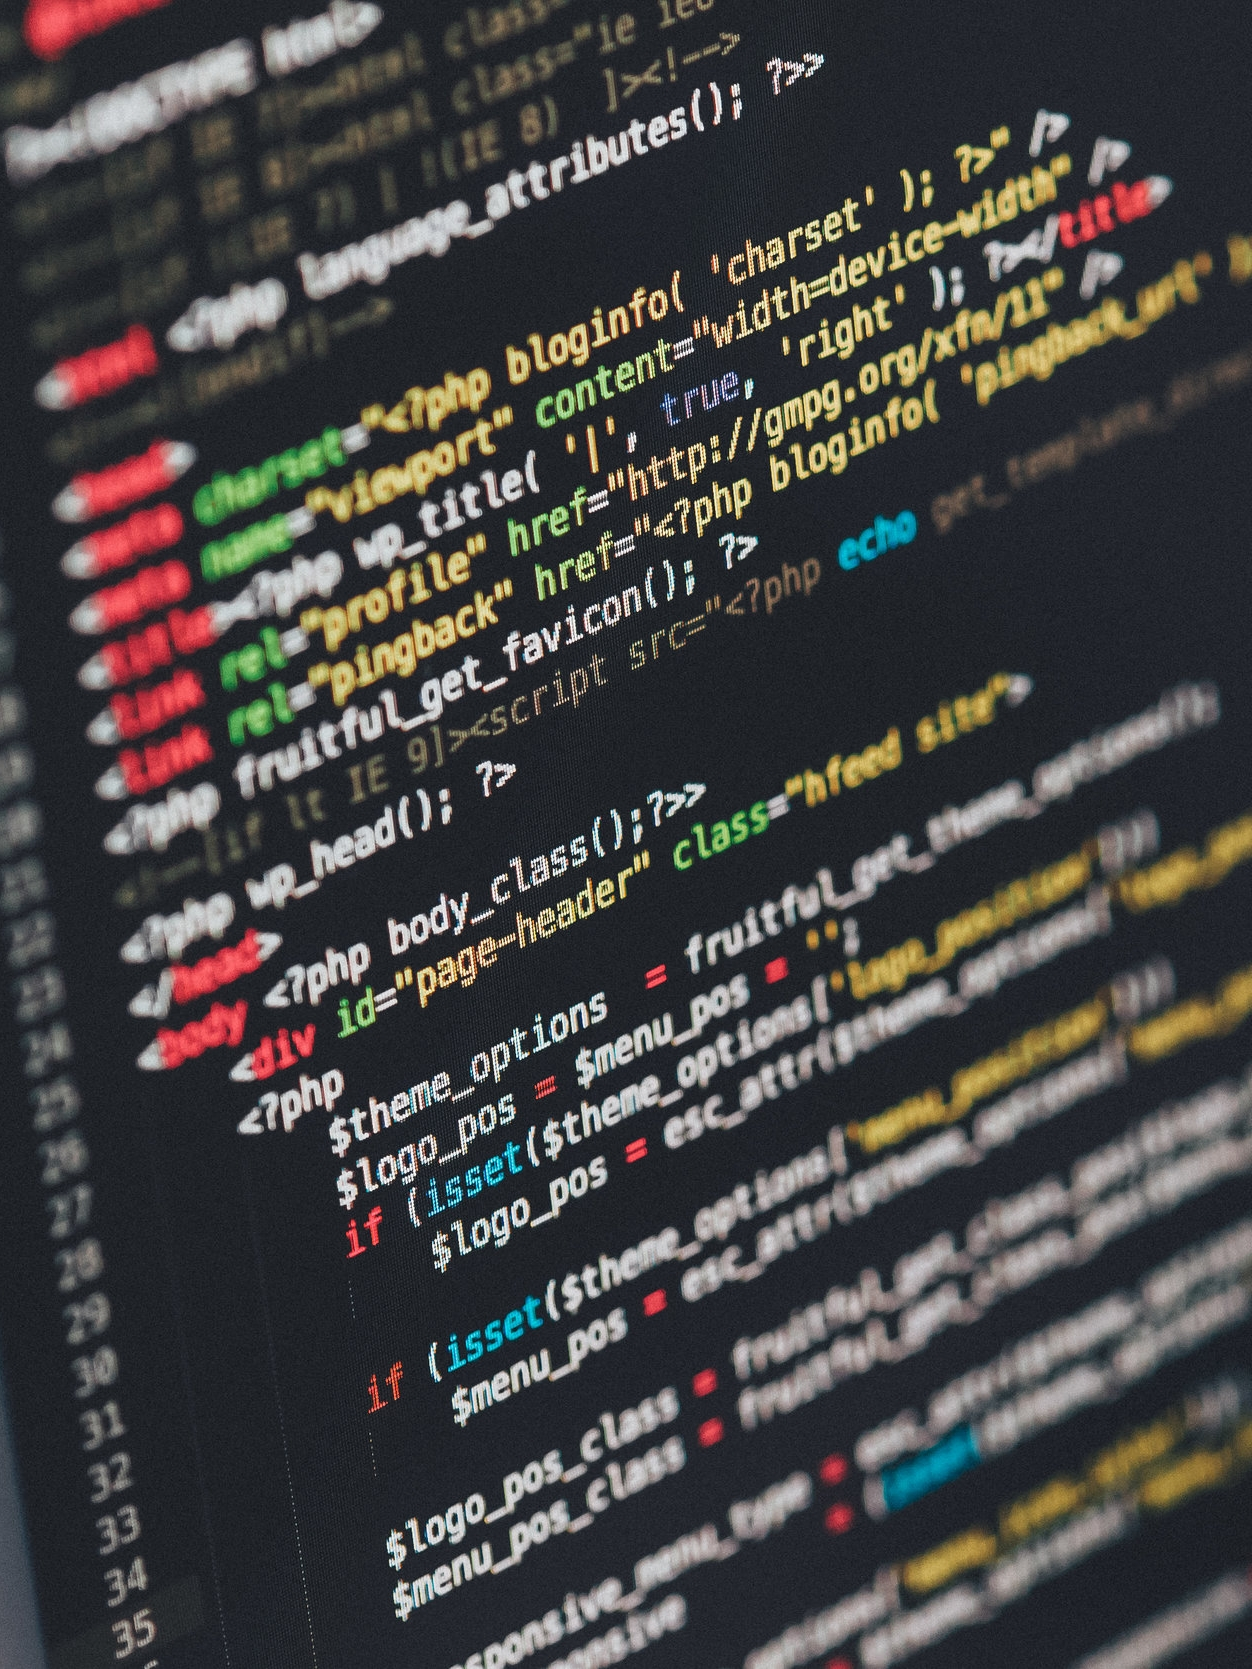 pexels_coding.jpeg